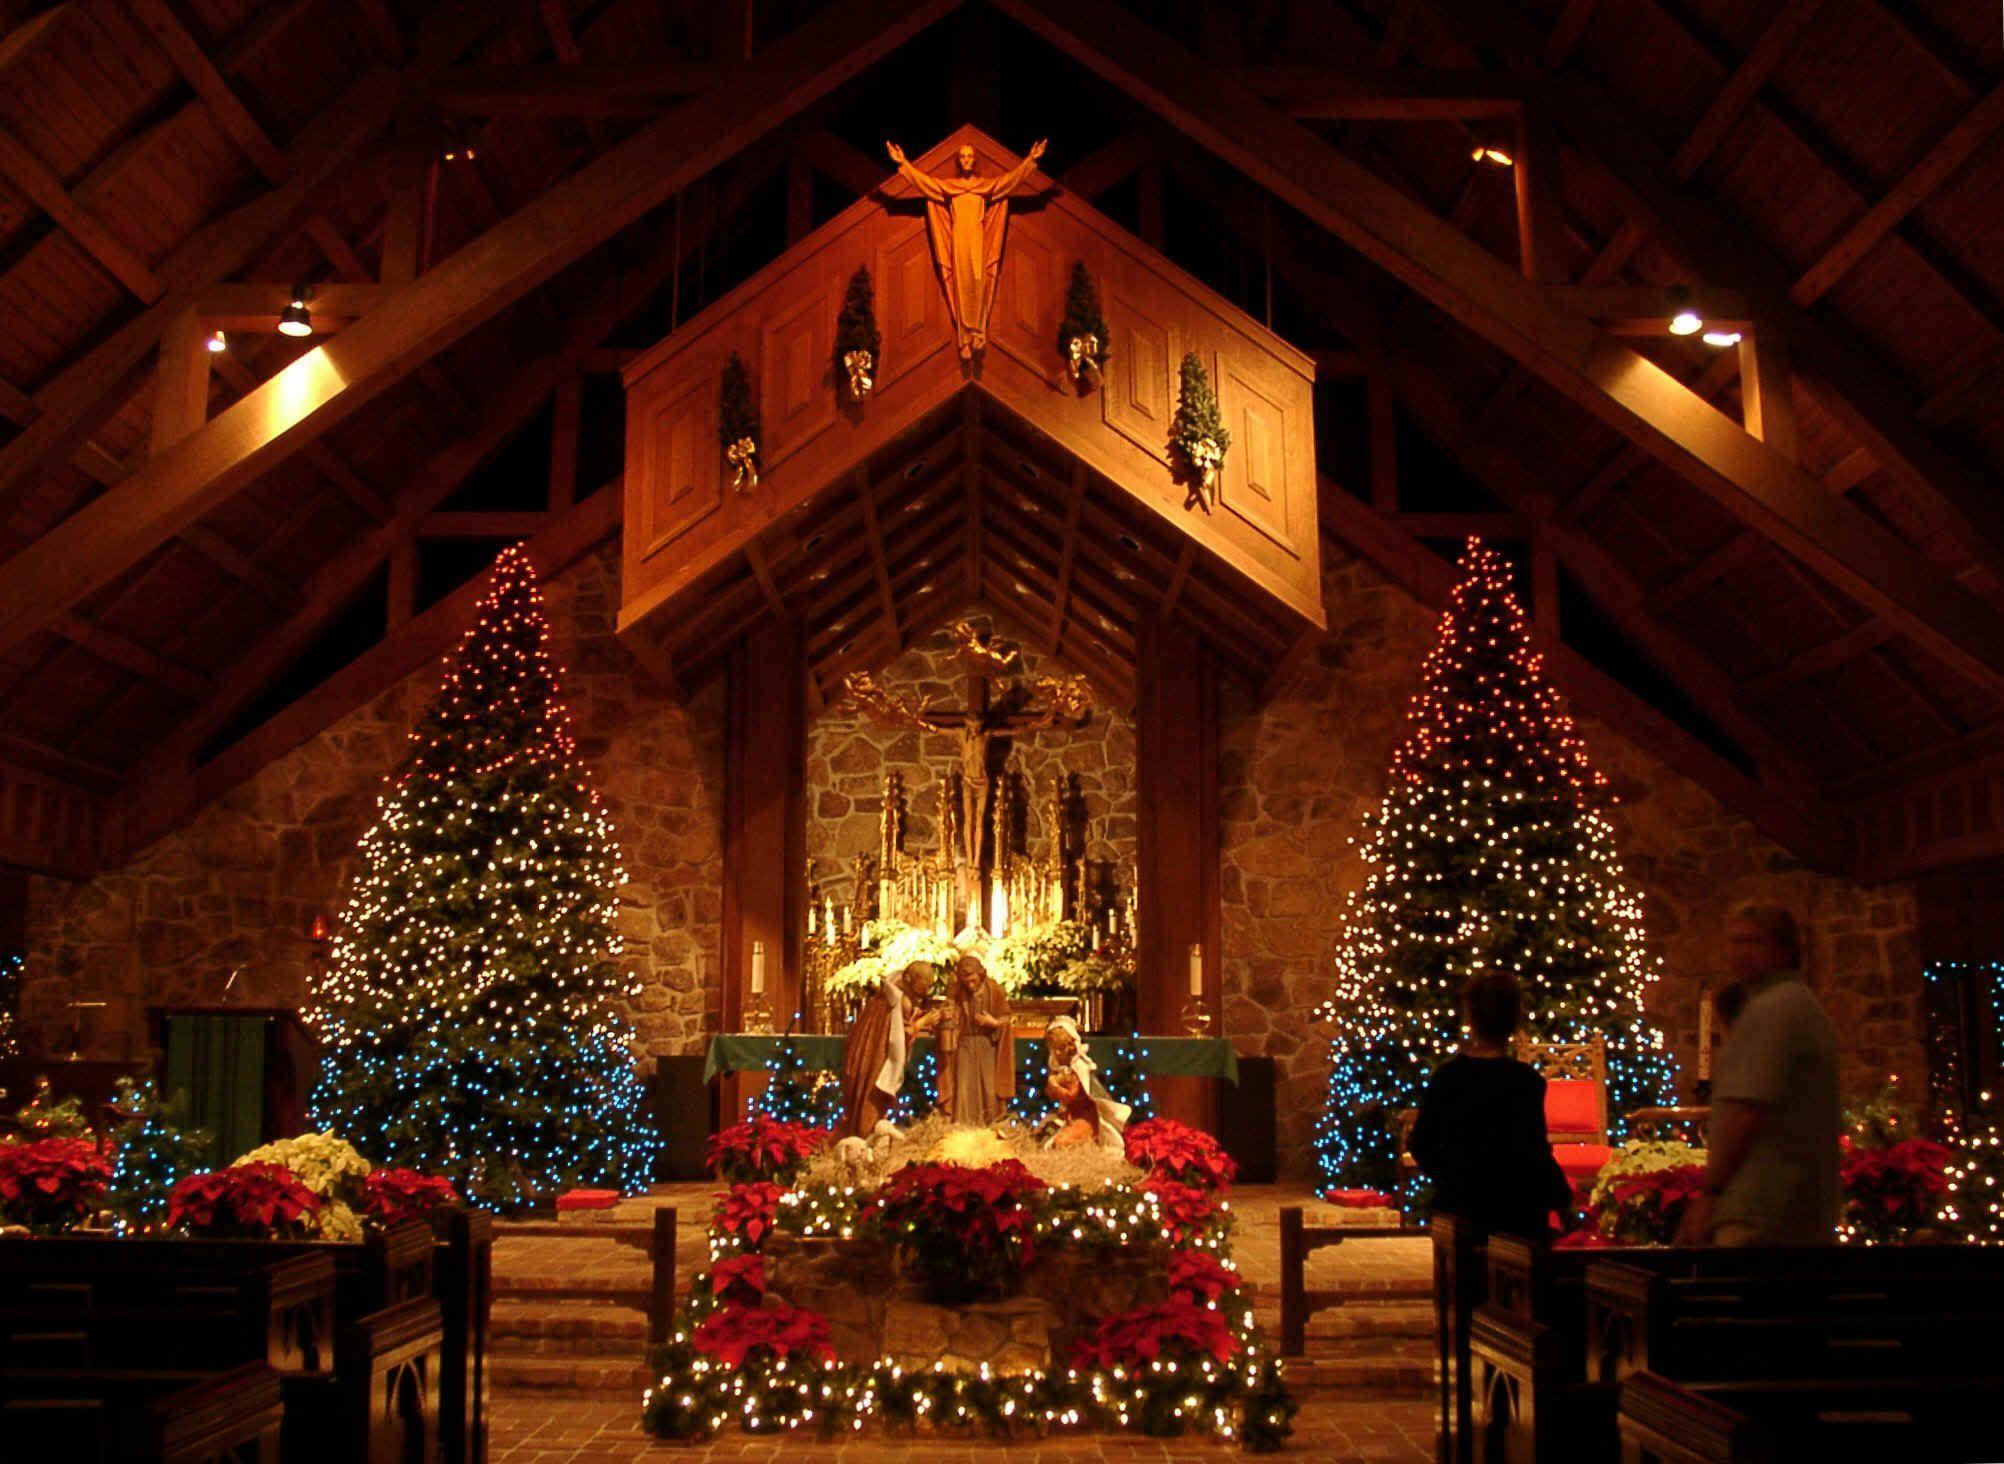 christmas at church | Church Scenes at Christmas - Christmas Photo ...